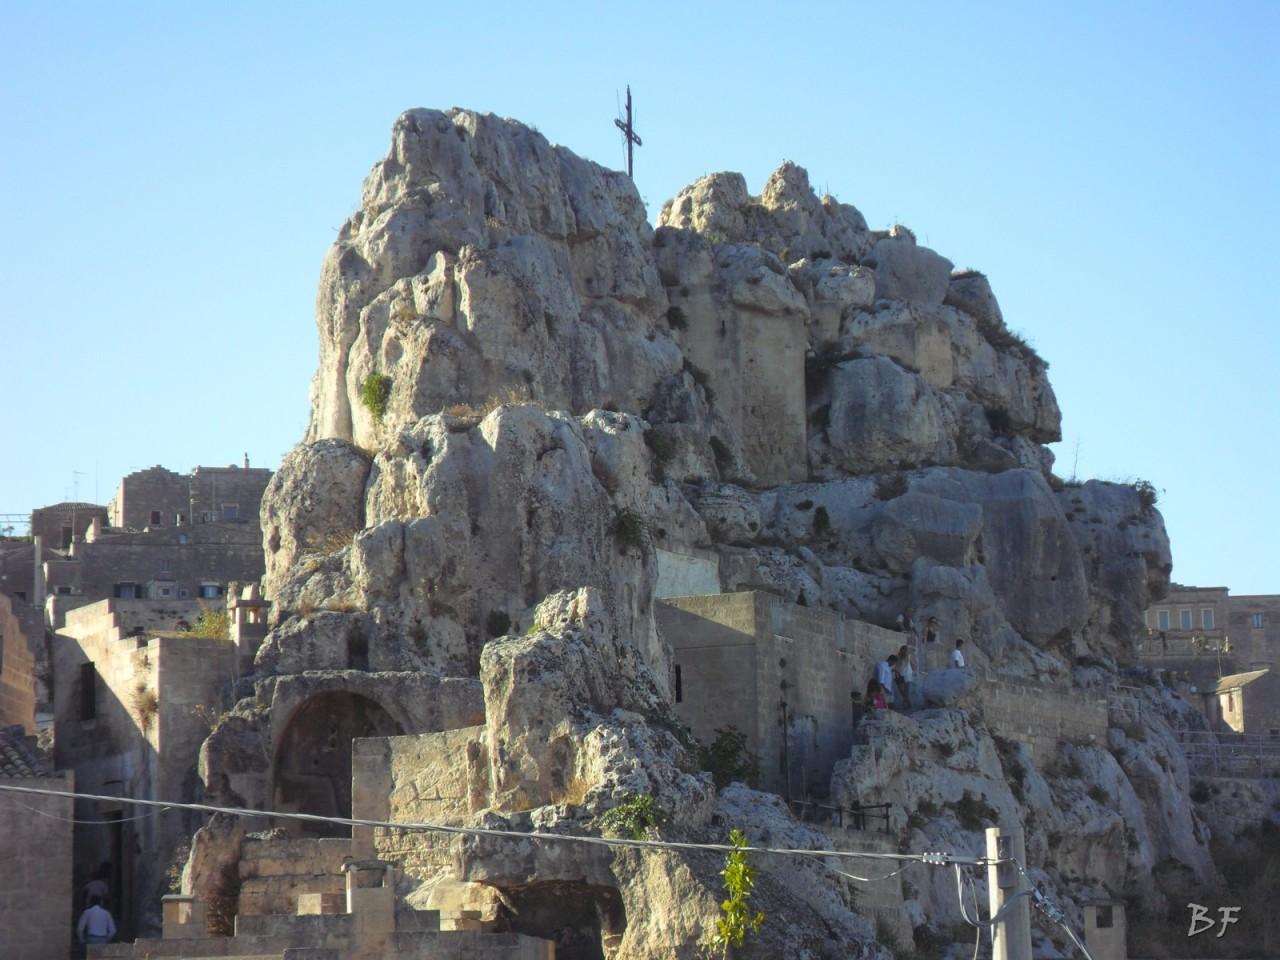 Sasso-Caveoso-Edifici-Rupestri-Megaliti-Sassi-di-Matera-basilicata-Italia-30